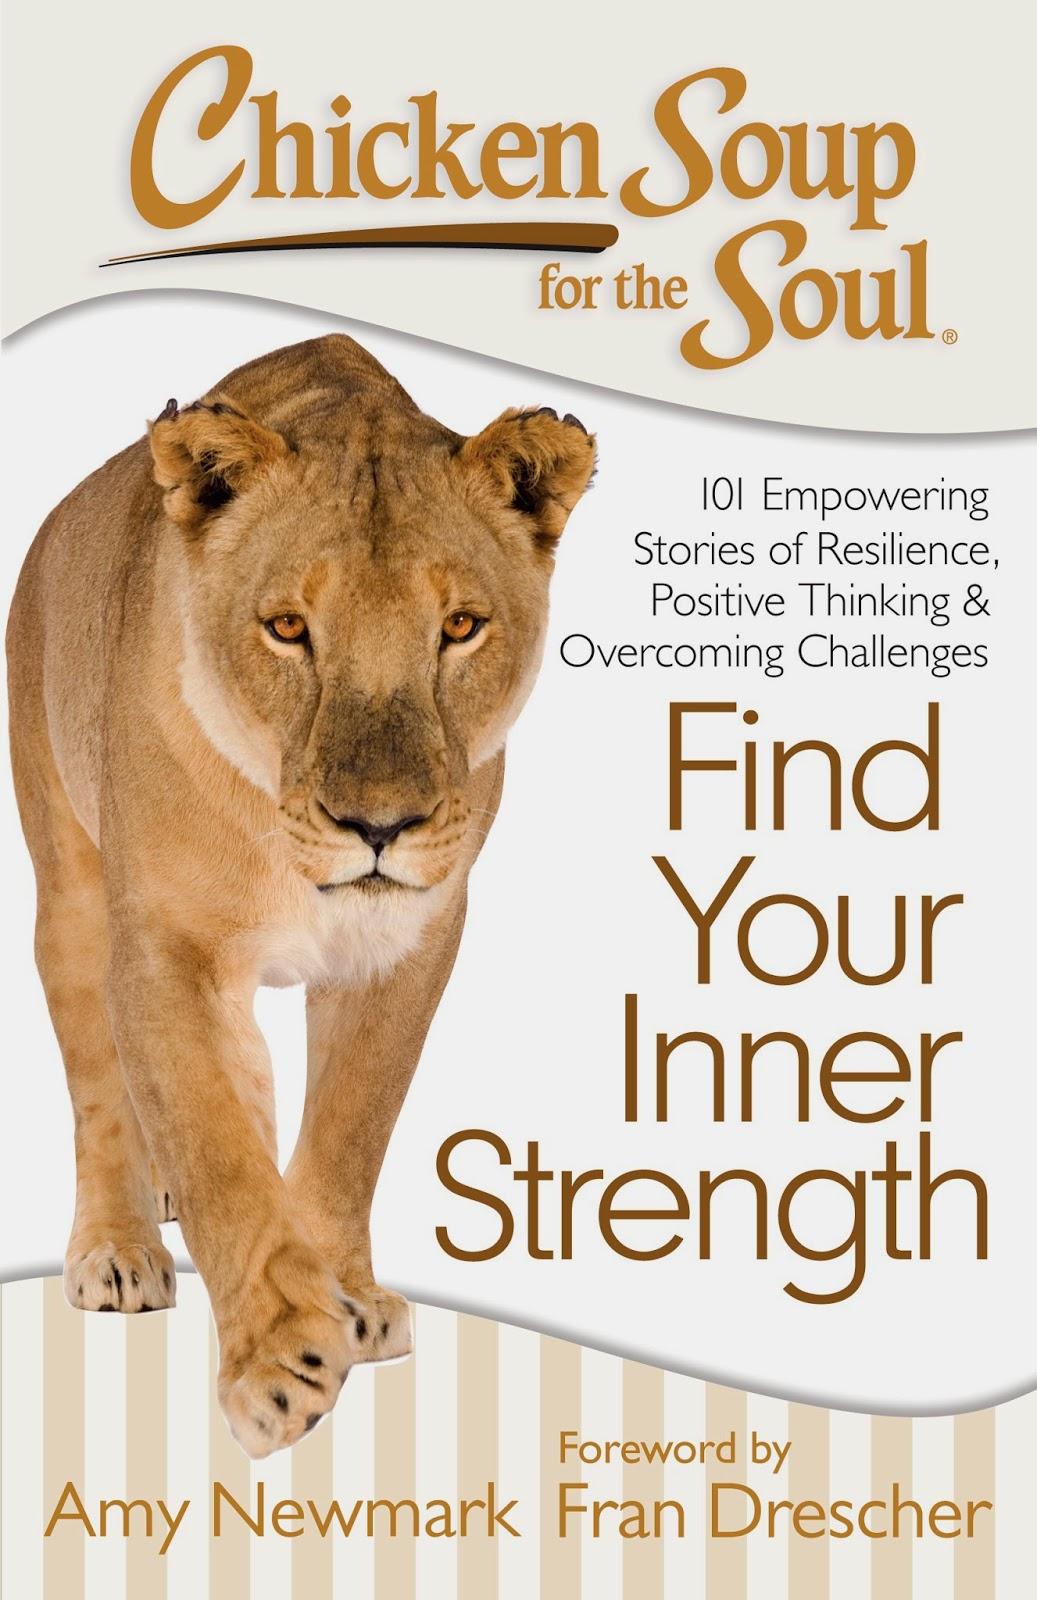 Essay on inner strength